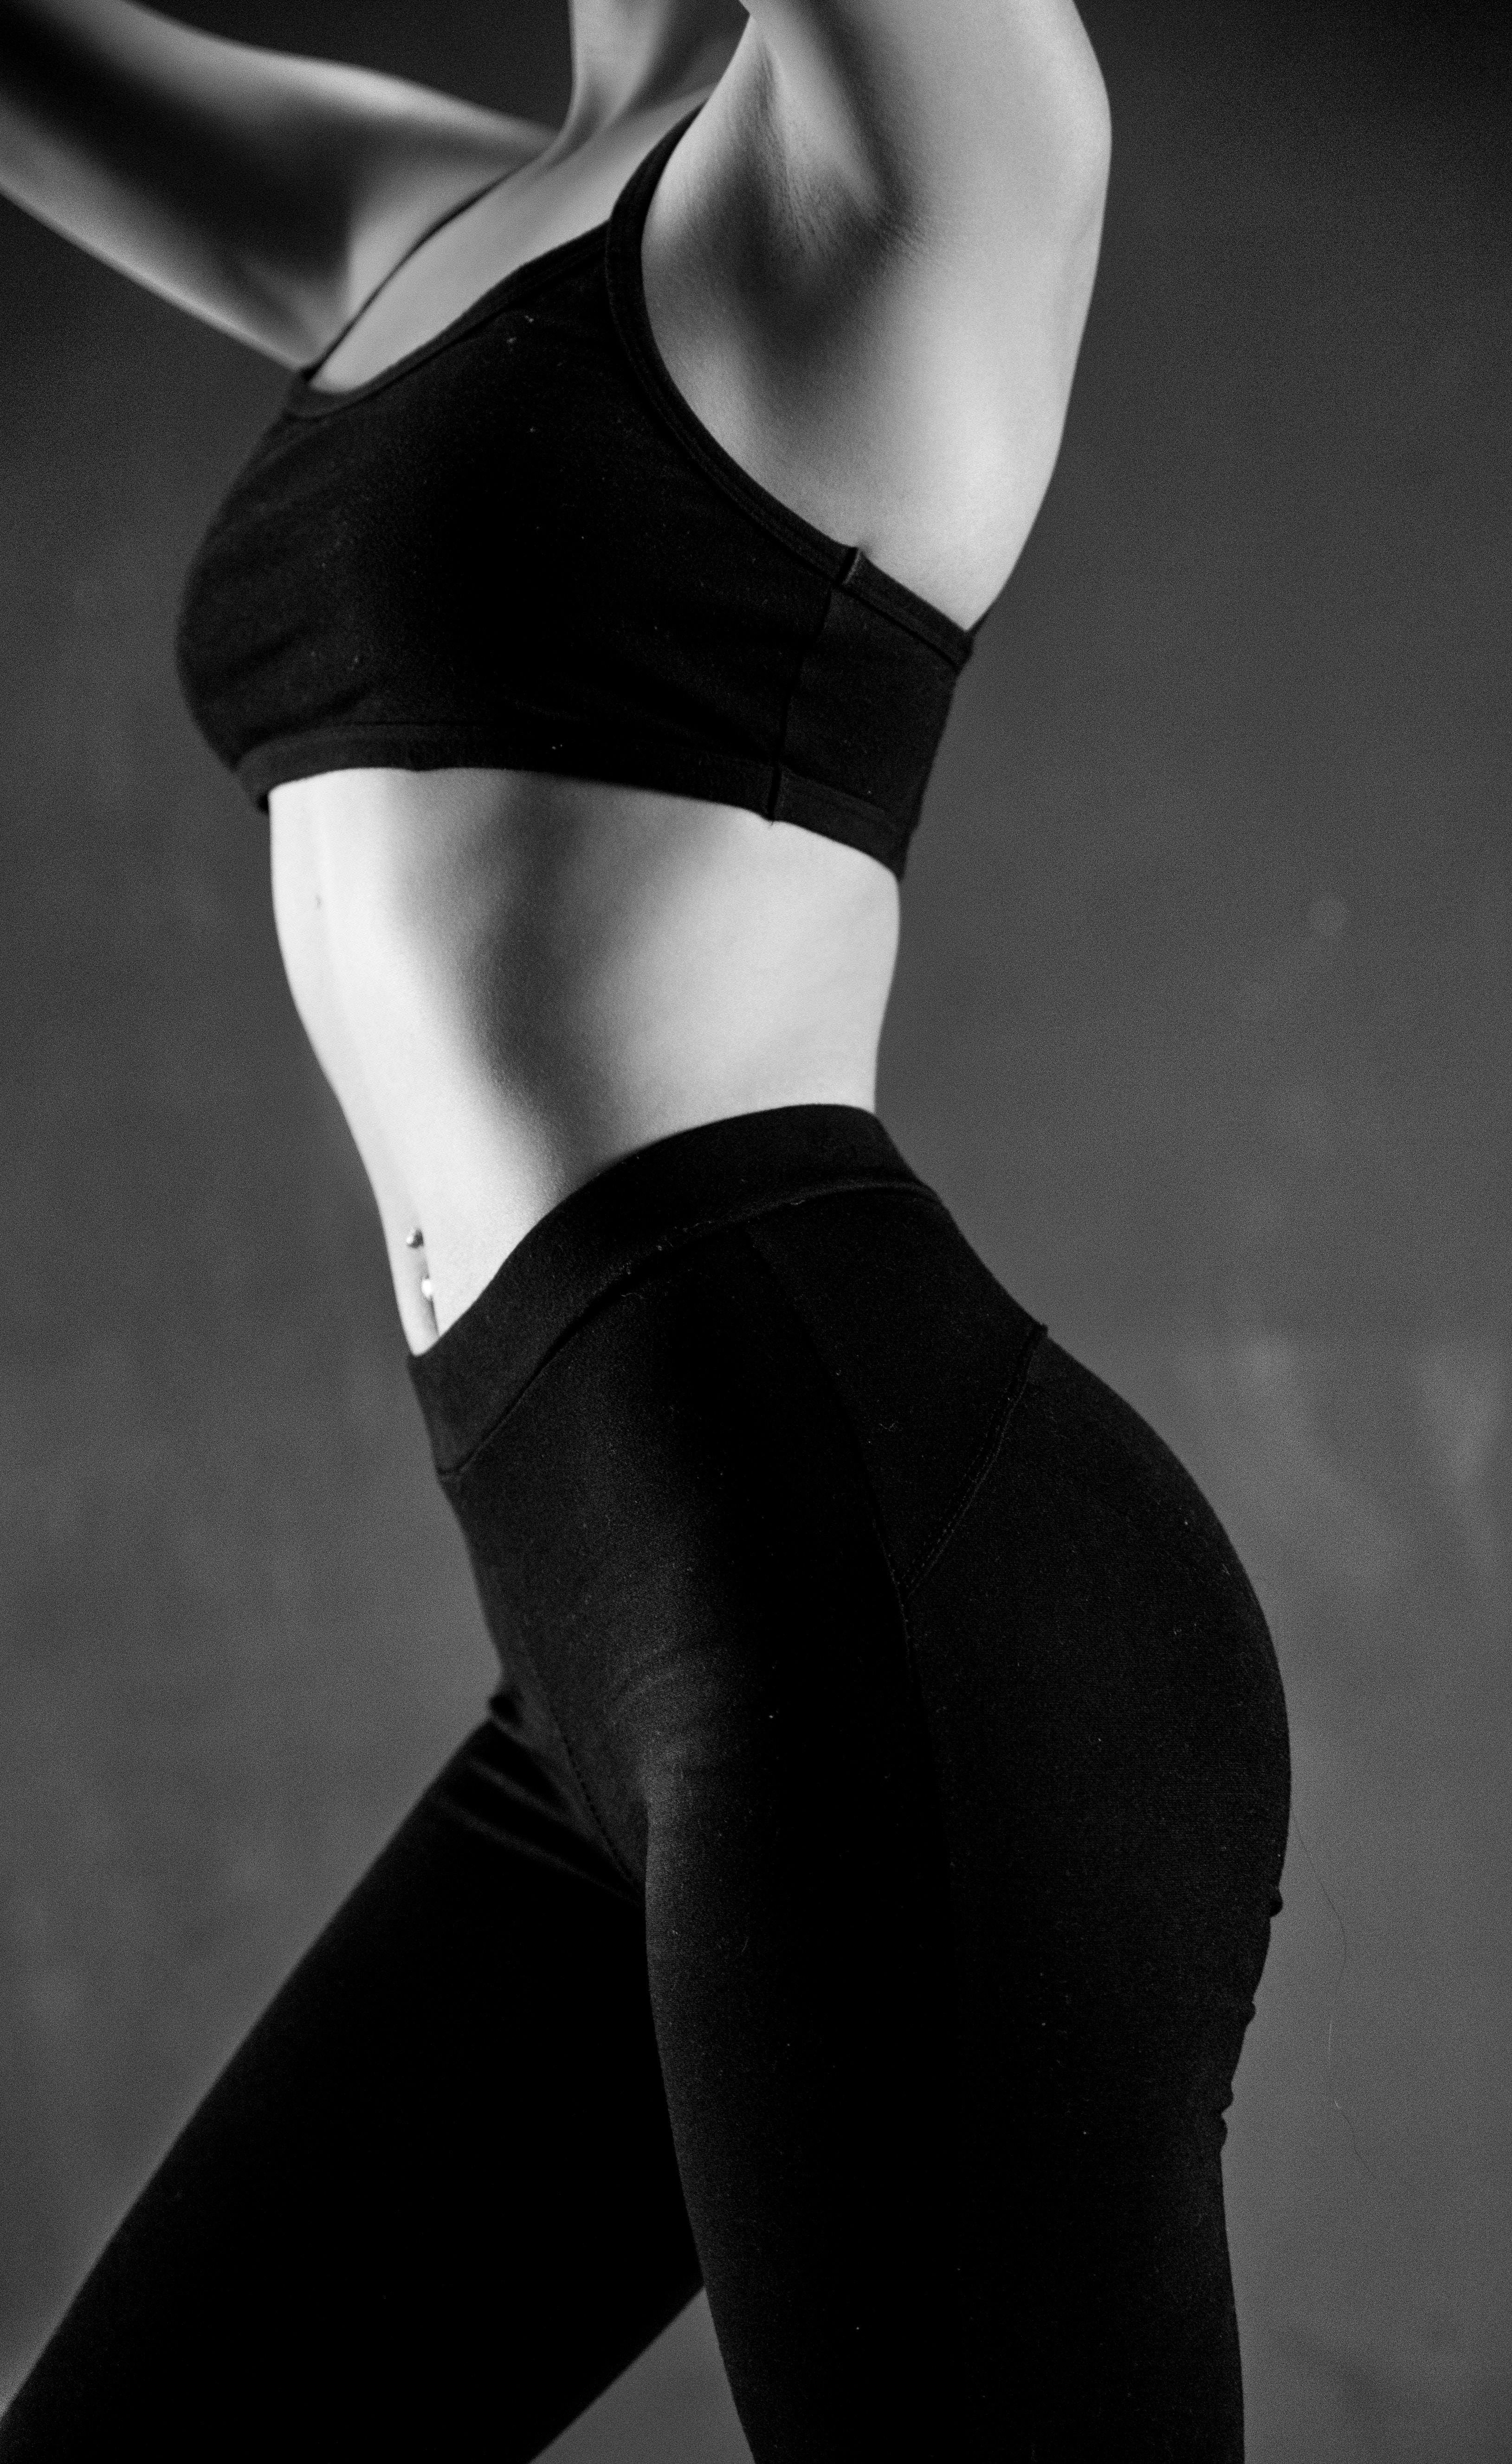 szczupłe ciało dzięki zajęciom aerobiku